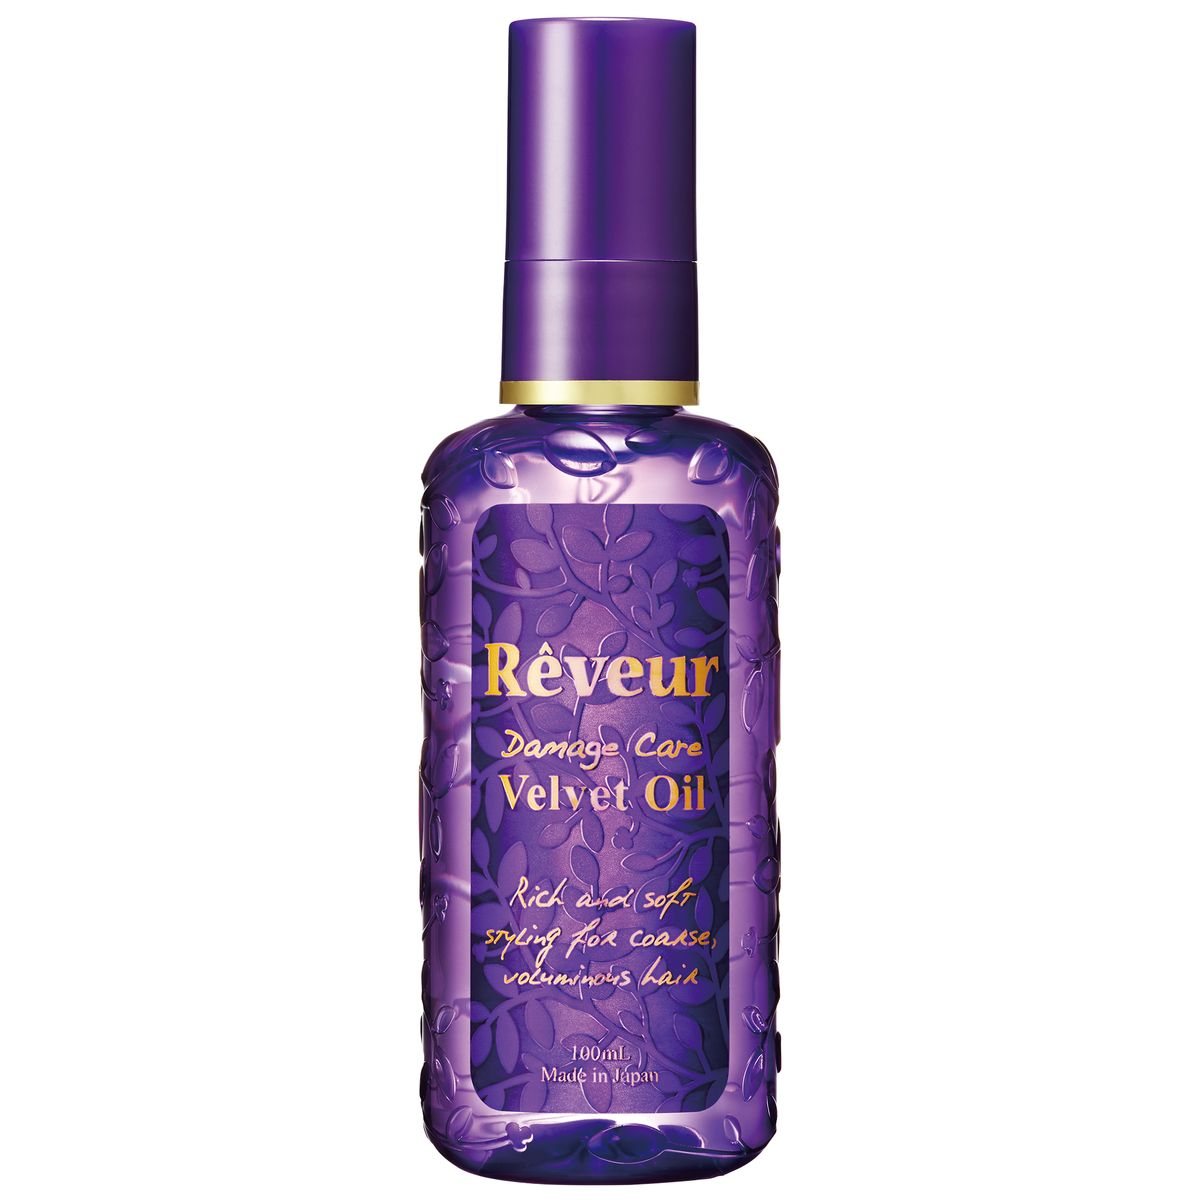 Reveur Масло для волос Velvet Oil Увлажнение и блеск, 100 мл70486В состав Reveur Velvet Oil входят натуральные природные масла, которые питают волос изнутри, восстанавливая структуру и возвращая ему блеск, сияние и упругость. Специально подобранные экстракты растений восстанавливают кутикулу, не утяжеляя волосы. Легкое нанесение и распределение, без склеивания.Масло Reveur Velvet Oil восстанавливает волосы, увлажняет и дает ощущение мягкости.Рекомендуется: Для сухих волос Для жестких и объемных волос Для пушащихся волос Нежный и свежий аромат цветов.Способ применения: на влажные волосы, слегка просушенные полотенцем, нанести необходимое количество масла (1-2 нажатия помпы) и распределить по длине пальцами. Остатки средства втереть в кончики волос. В случае нанесения на сухие волосы, следует сократить количество масла.Состав: циклопентасилоксан, циклометикон, диметикон, гидрогенизированный полиизобутилен, стеарамид этил диэтониум сакцинол гидролизированный белок гороха, масло мурумуру, масло семян бурачника, пантенол, бисаболол, глицерин, изомер сахар (из пшеницы), токоферол, вода, ароматизатор.